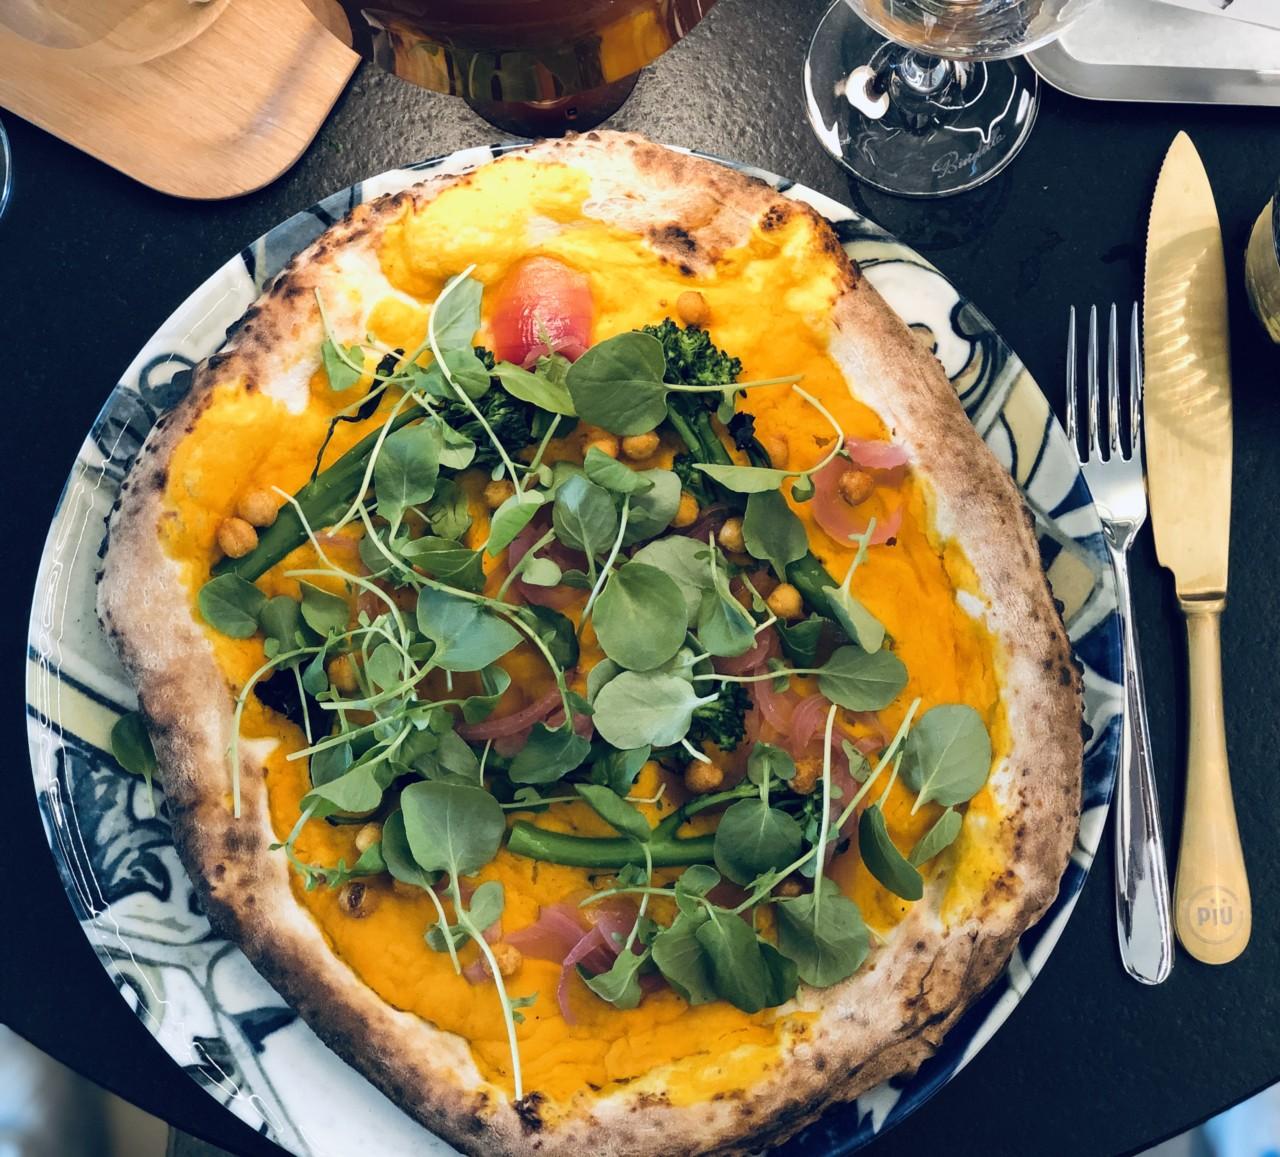 """Überraschungsfeuerwerk beim Biss in die Pizza """"vegan style""""! - Foto: Lunchgate/Daniel"""